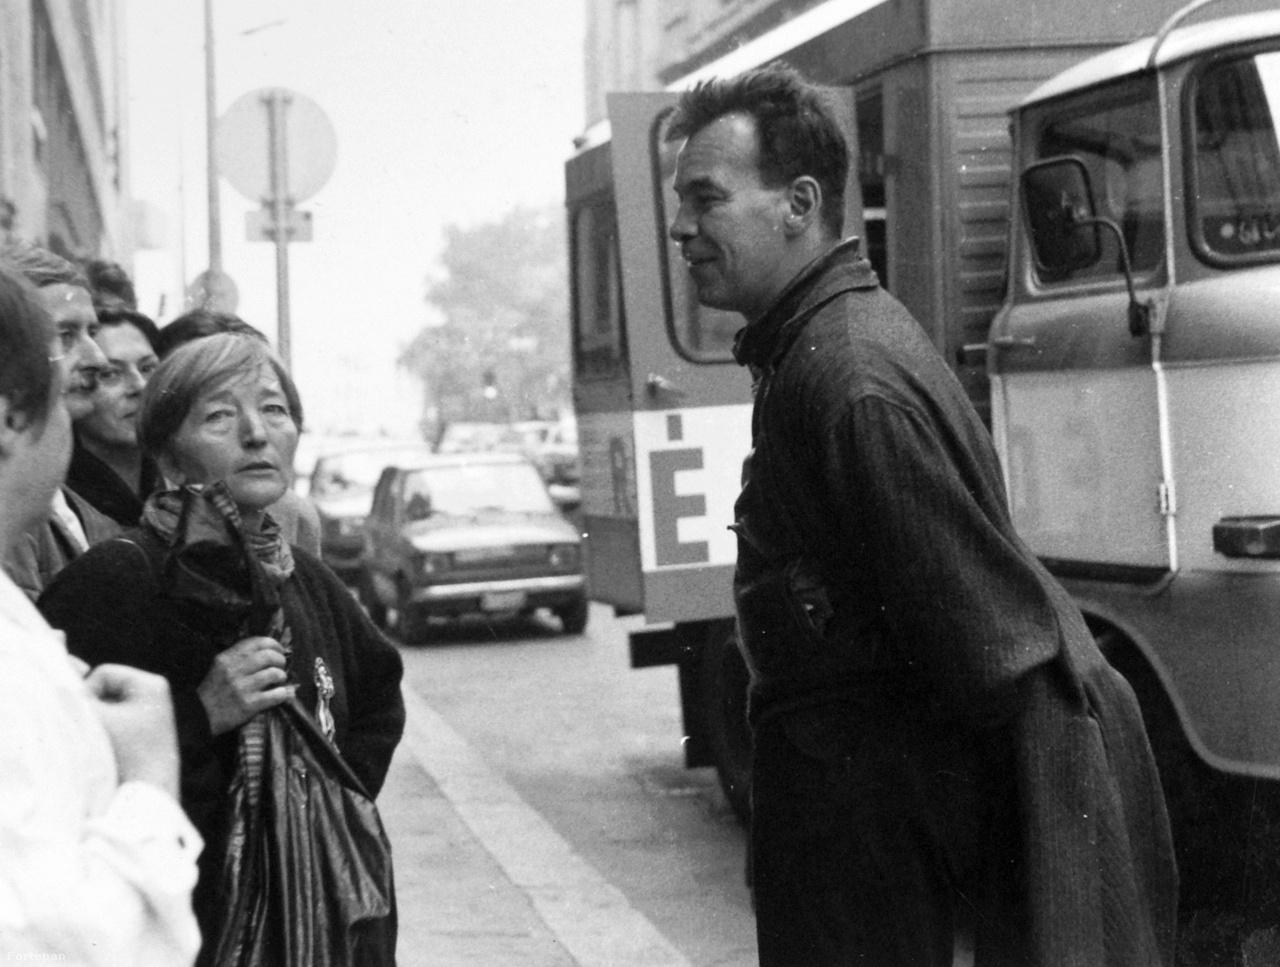 1988 október 23-án előzetesen nem engedélyezett utcai demonstrációk szerveződtek a város több pontján, melyeket a rohamrendőrség oszlatott szét. A kép a Budafoki úton készült, a rendőri beavatkozások előtt. Láthatóak még Solt Ottilia, Nagy András, Perczel Anna, háttal Lengyel Gabi. Az aznapi Magyar Nemzetben az MDF közleményben jelezte a demonstrációtól való elhatárolódását.